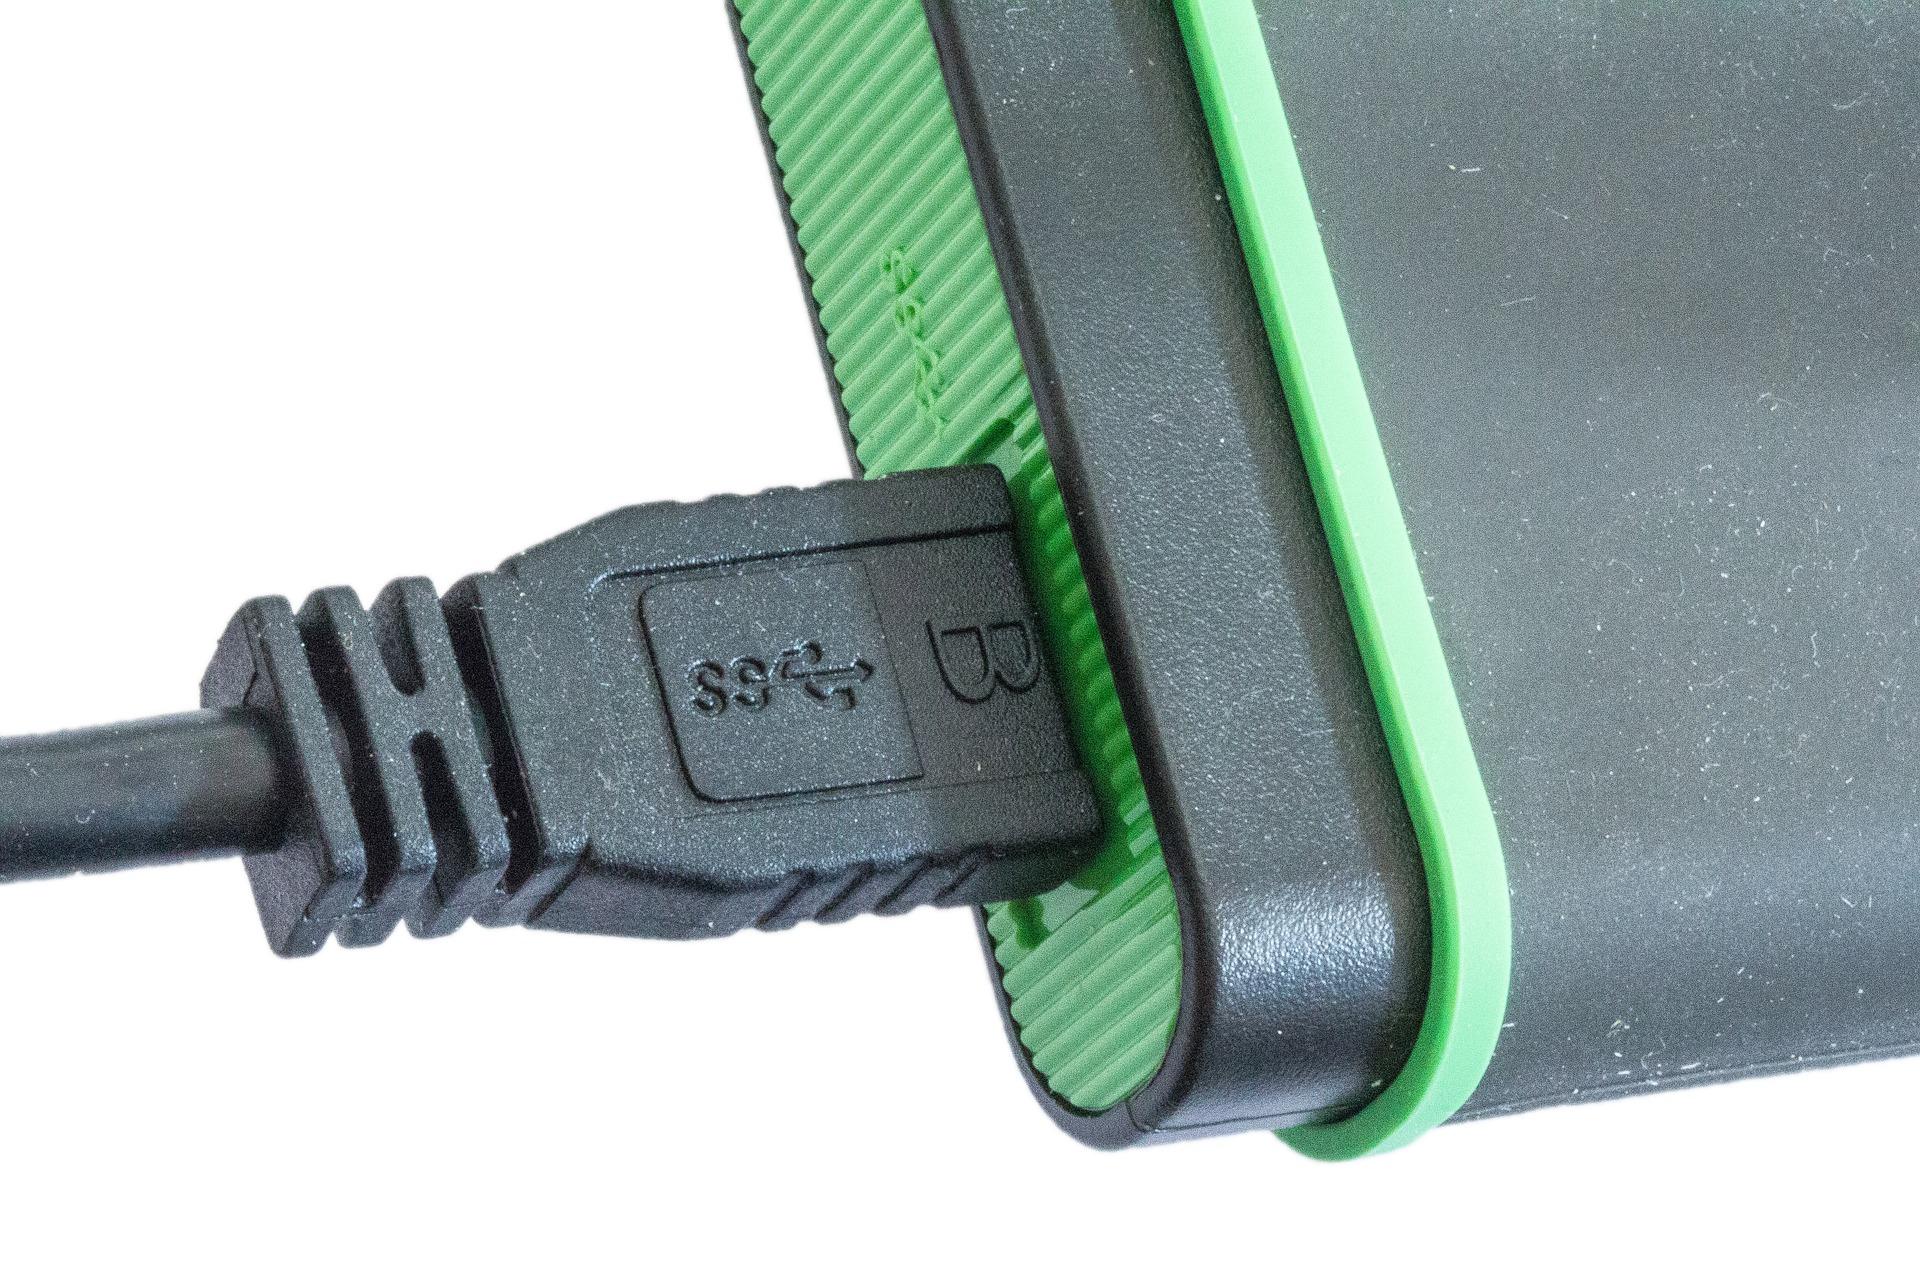 Obrázek: Proč není USB-A oboustranné? Protože je levné